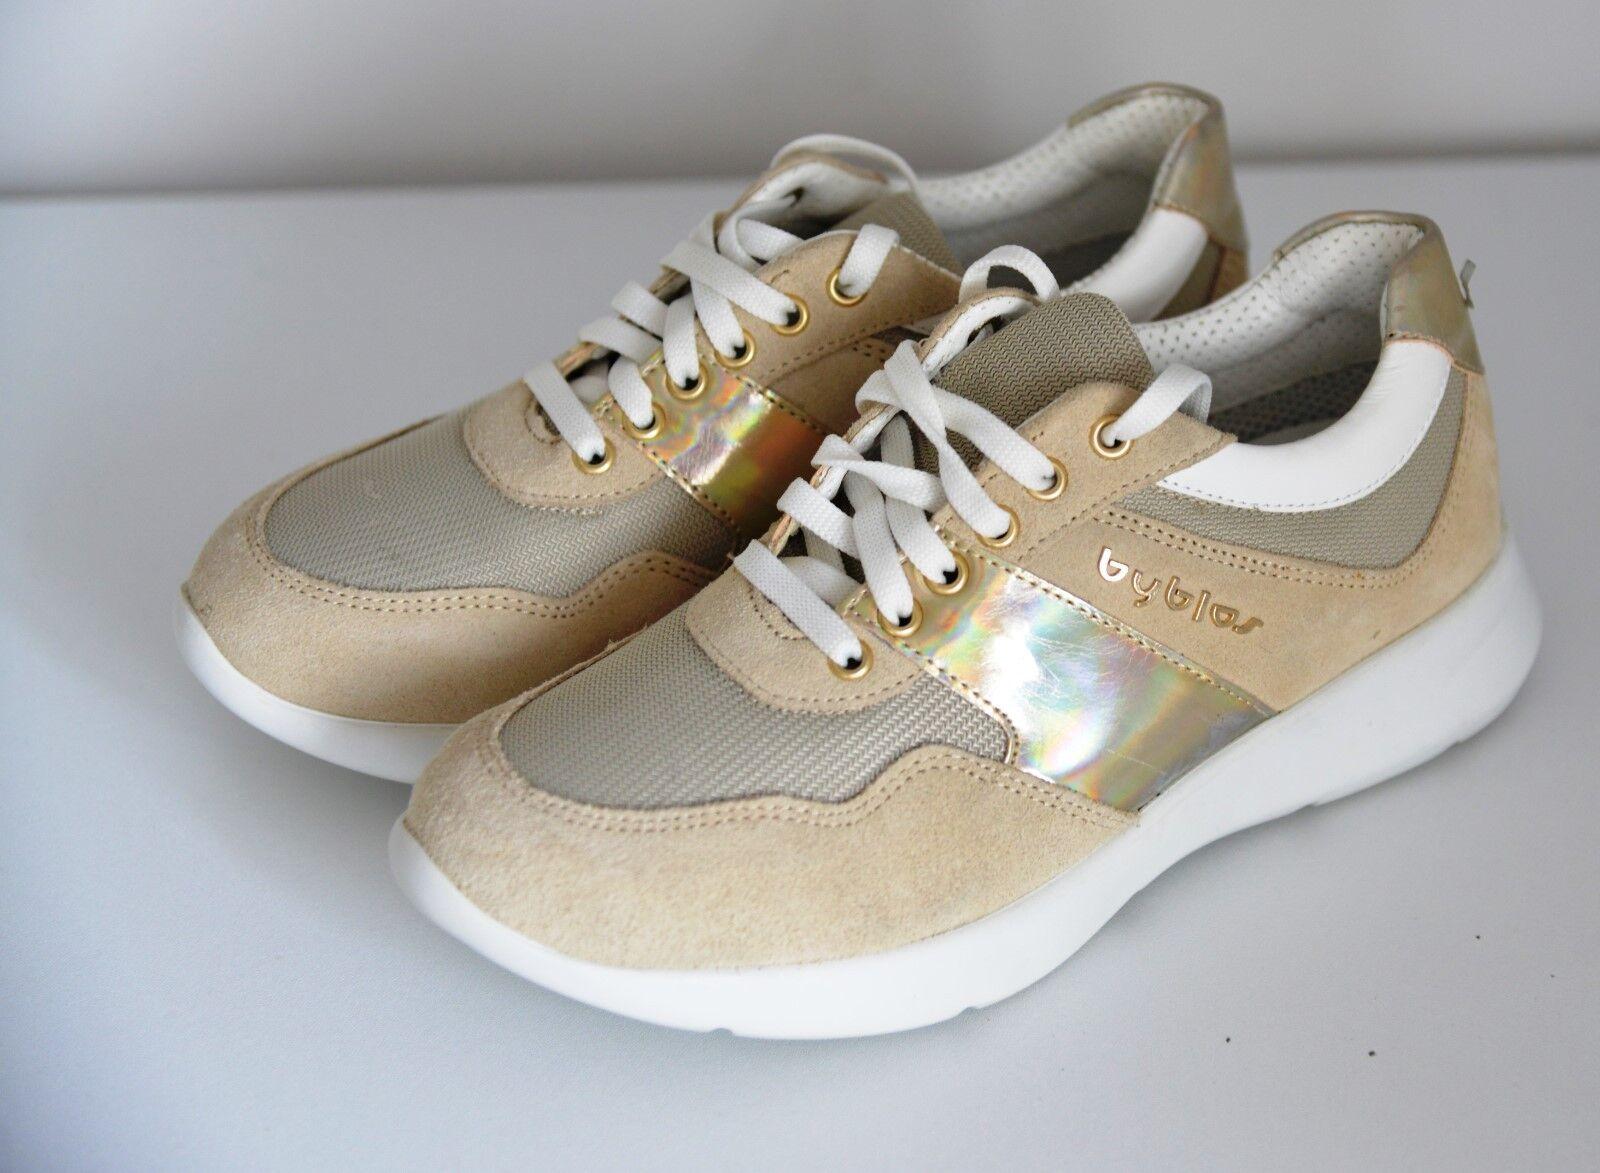 Nouveau BYBLOS Premium femme or Beige Sable Low Top Baskets Baskets Chaussures UK 5